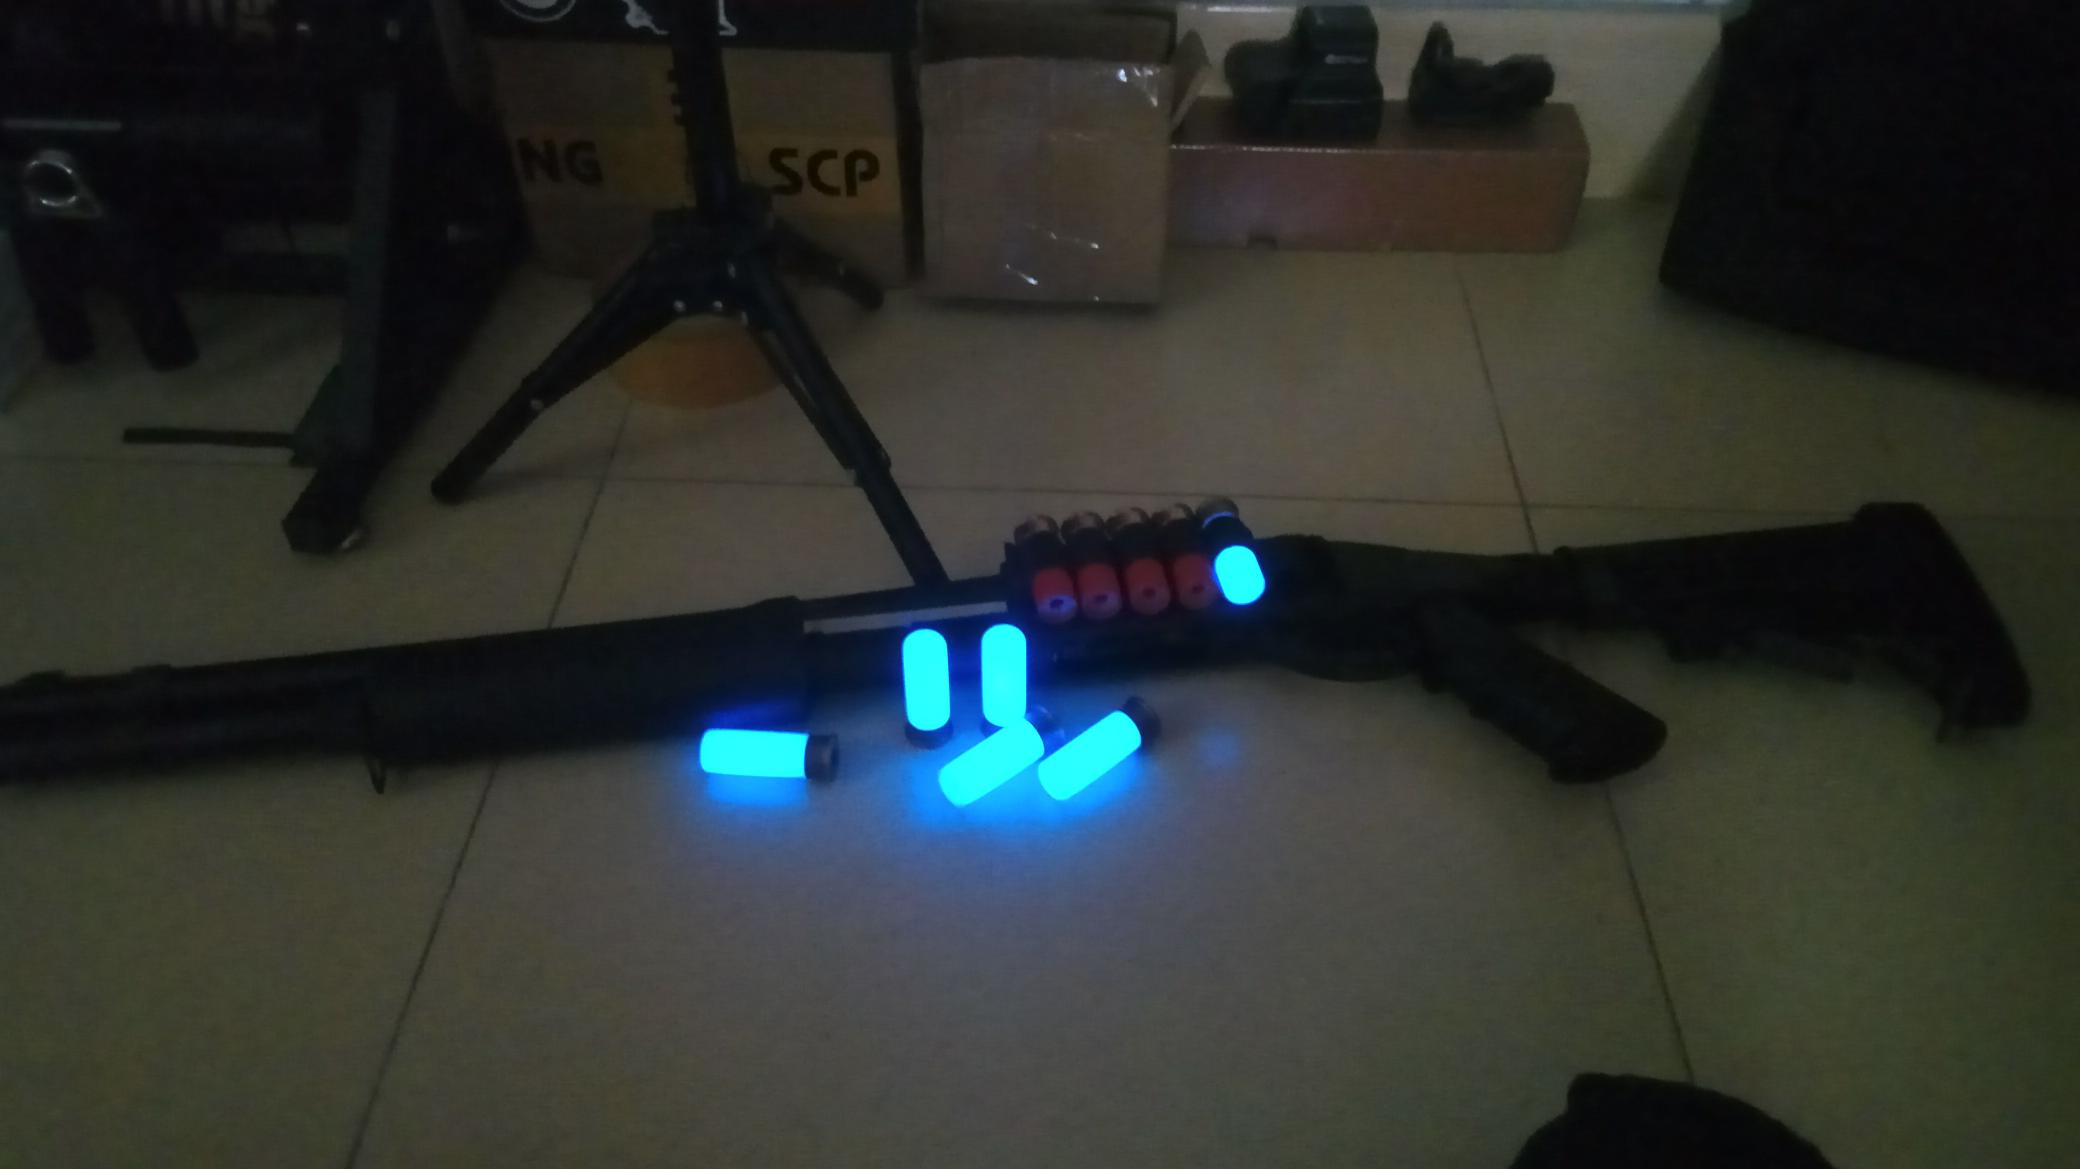 Essar.Ro:水弹枪akaR1的黑色替换件和AR转接